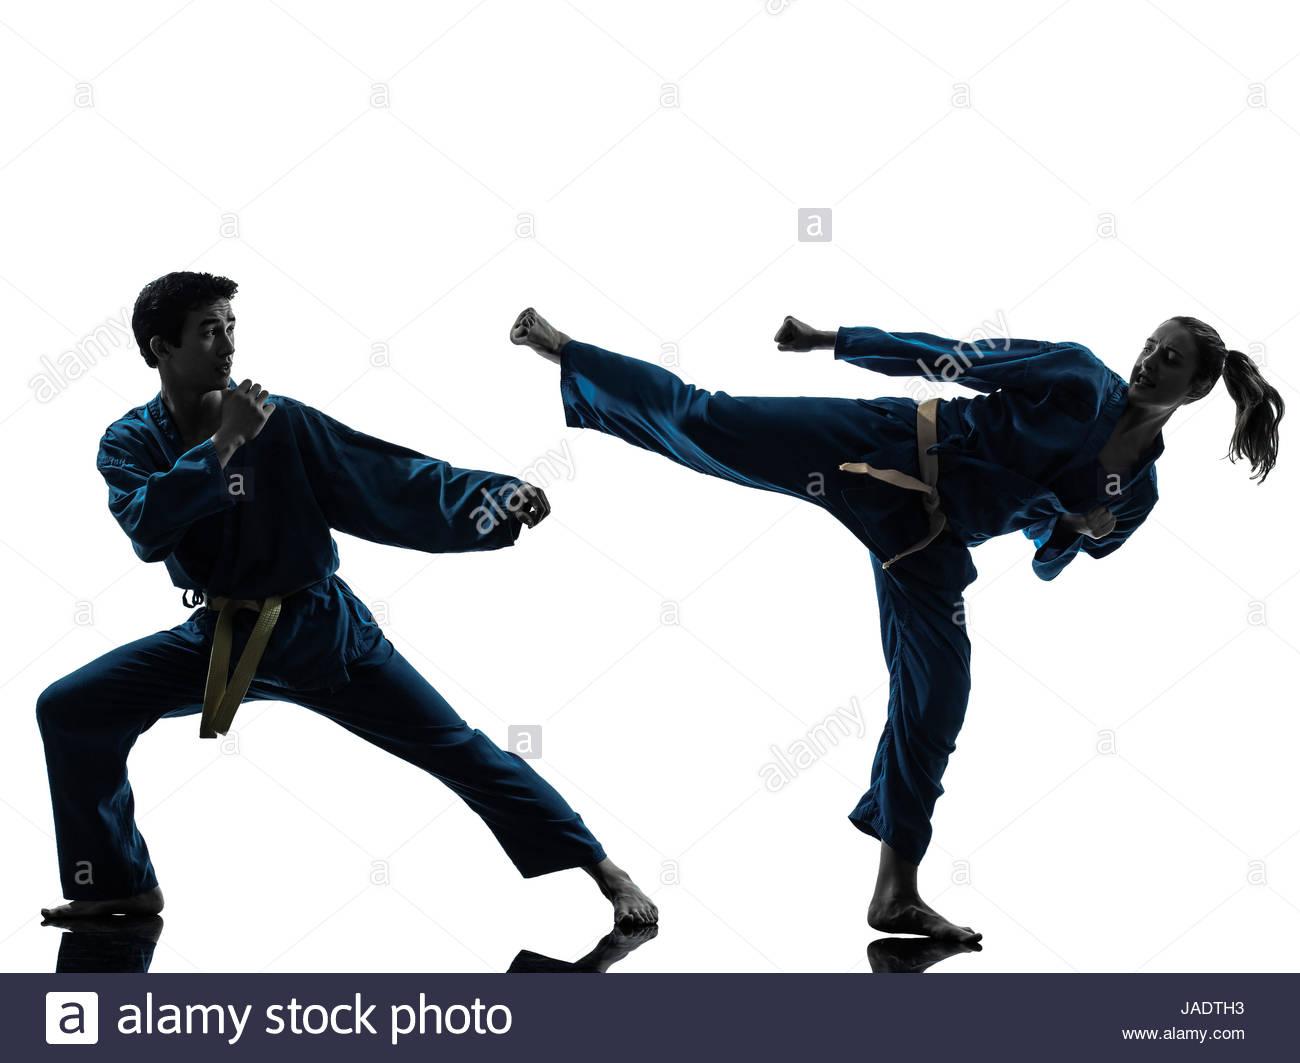 1300x1063 One Man Woman Couple Exercising Karate Vietvodao Martial Arts